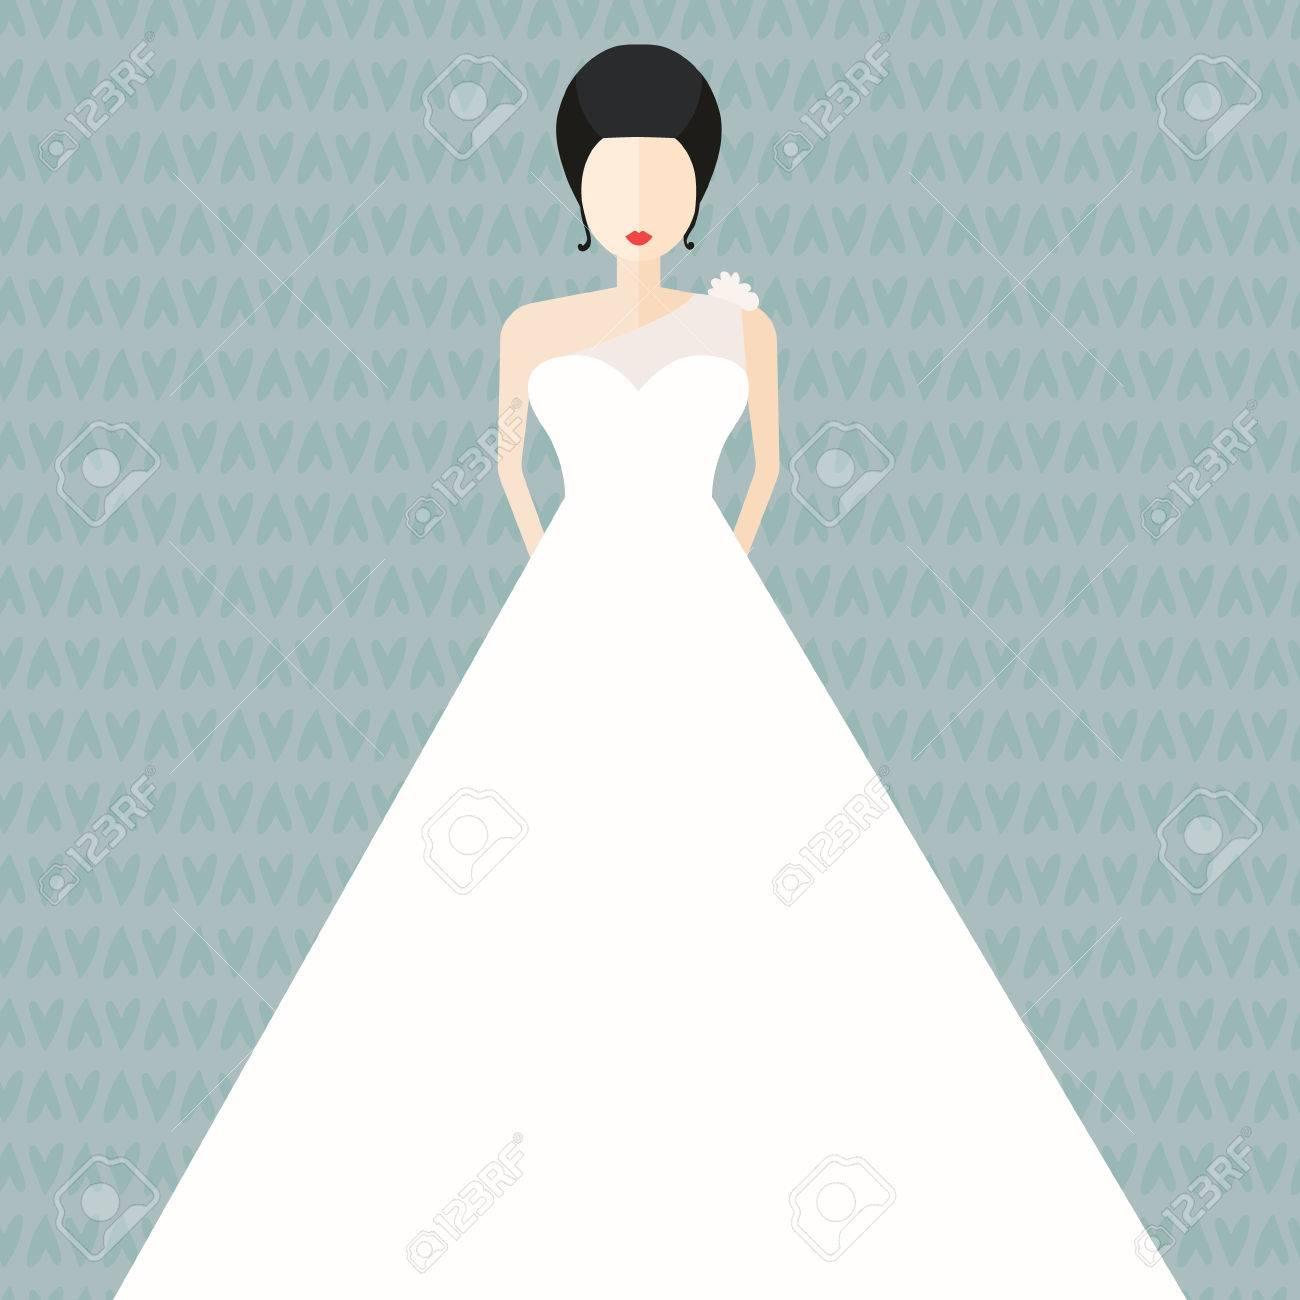 Ilustración Vectorial Nupcial Moderna - Novia En Vestido Blanco Con ...